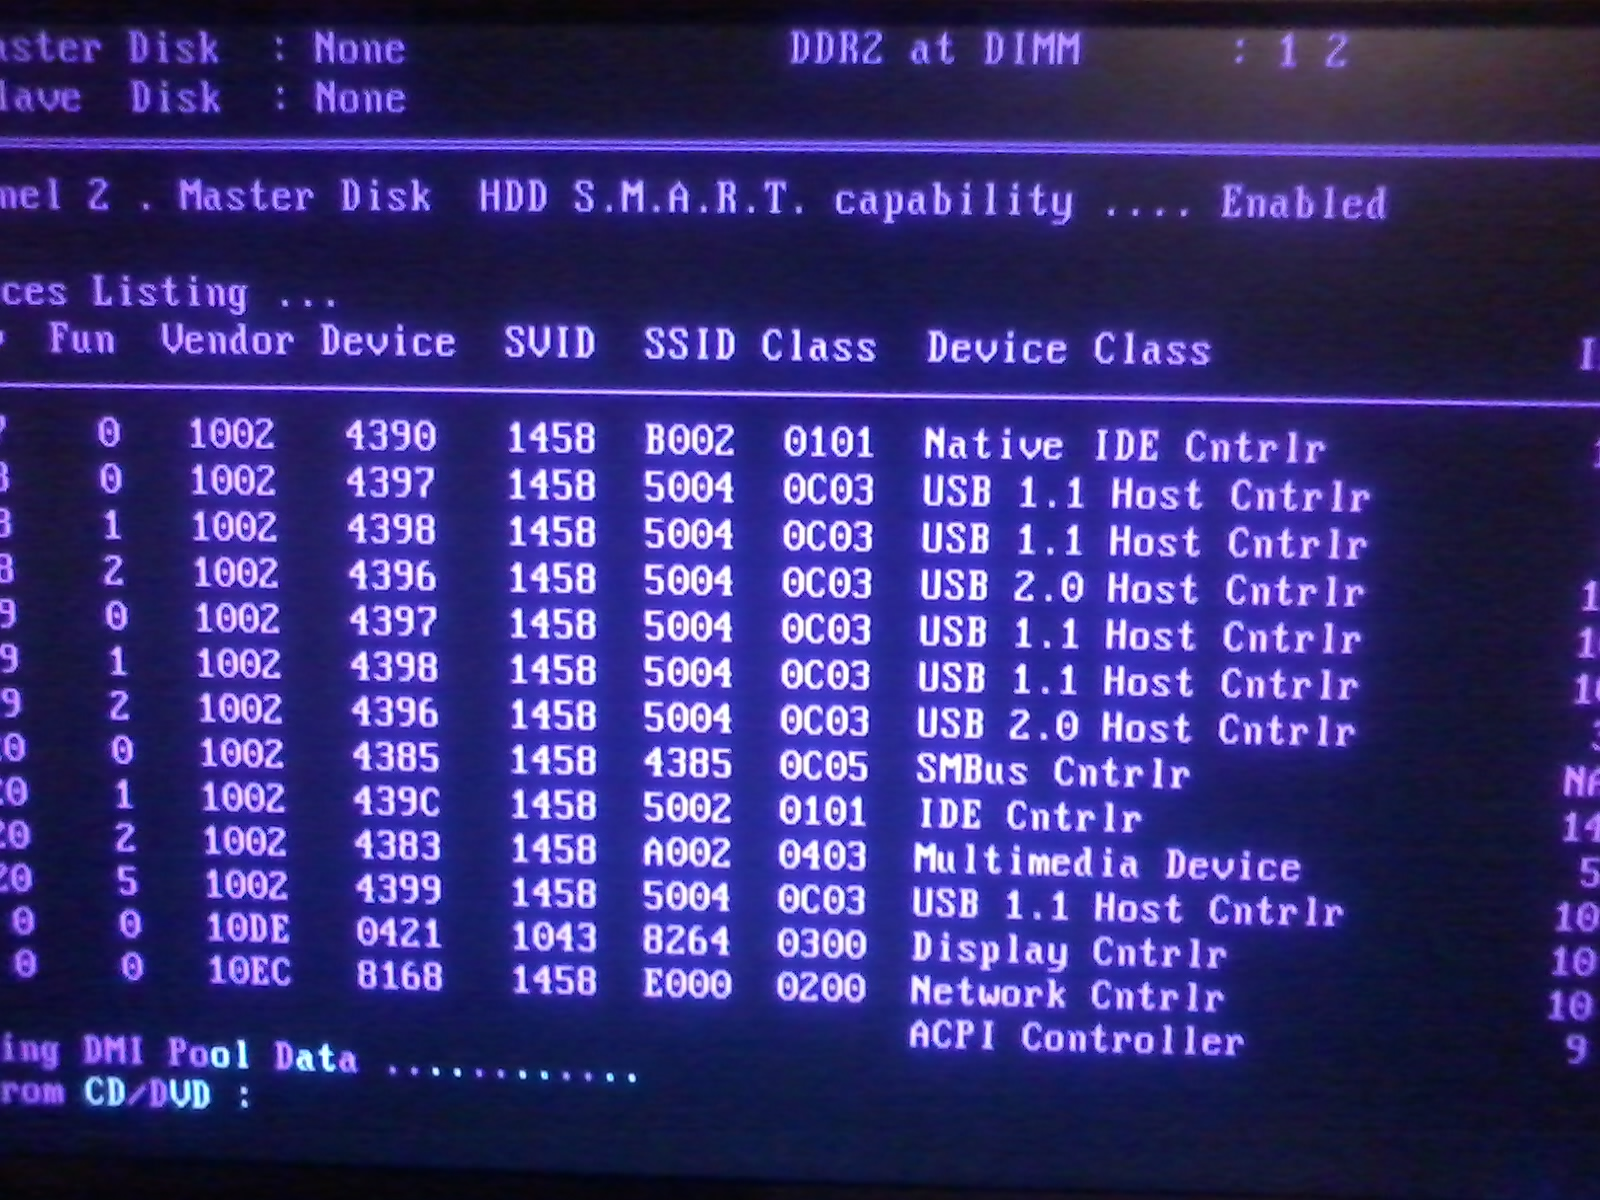 GeForce 8500 GT - Zawiesz si� komputer i sterownik przestaje dzia�a�.